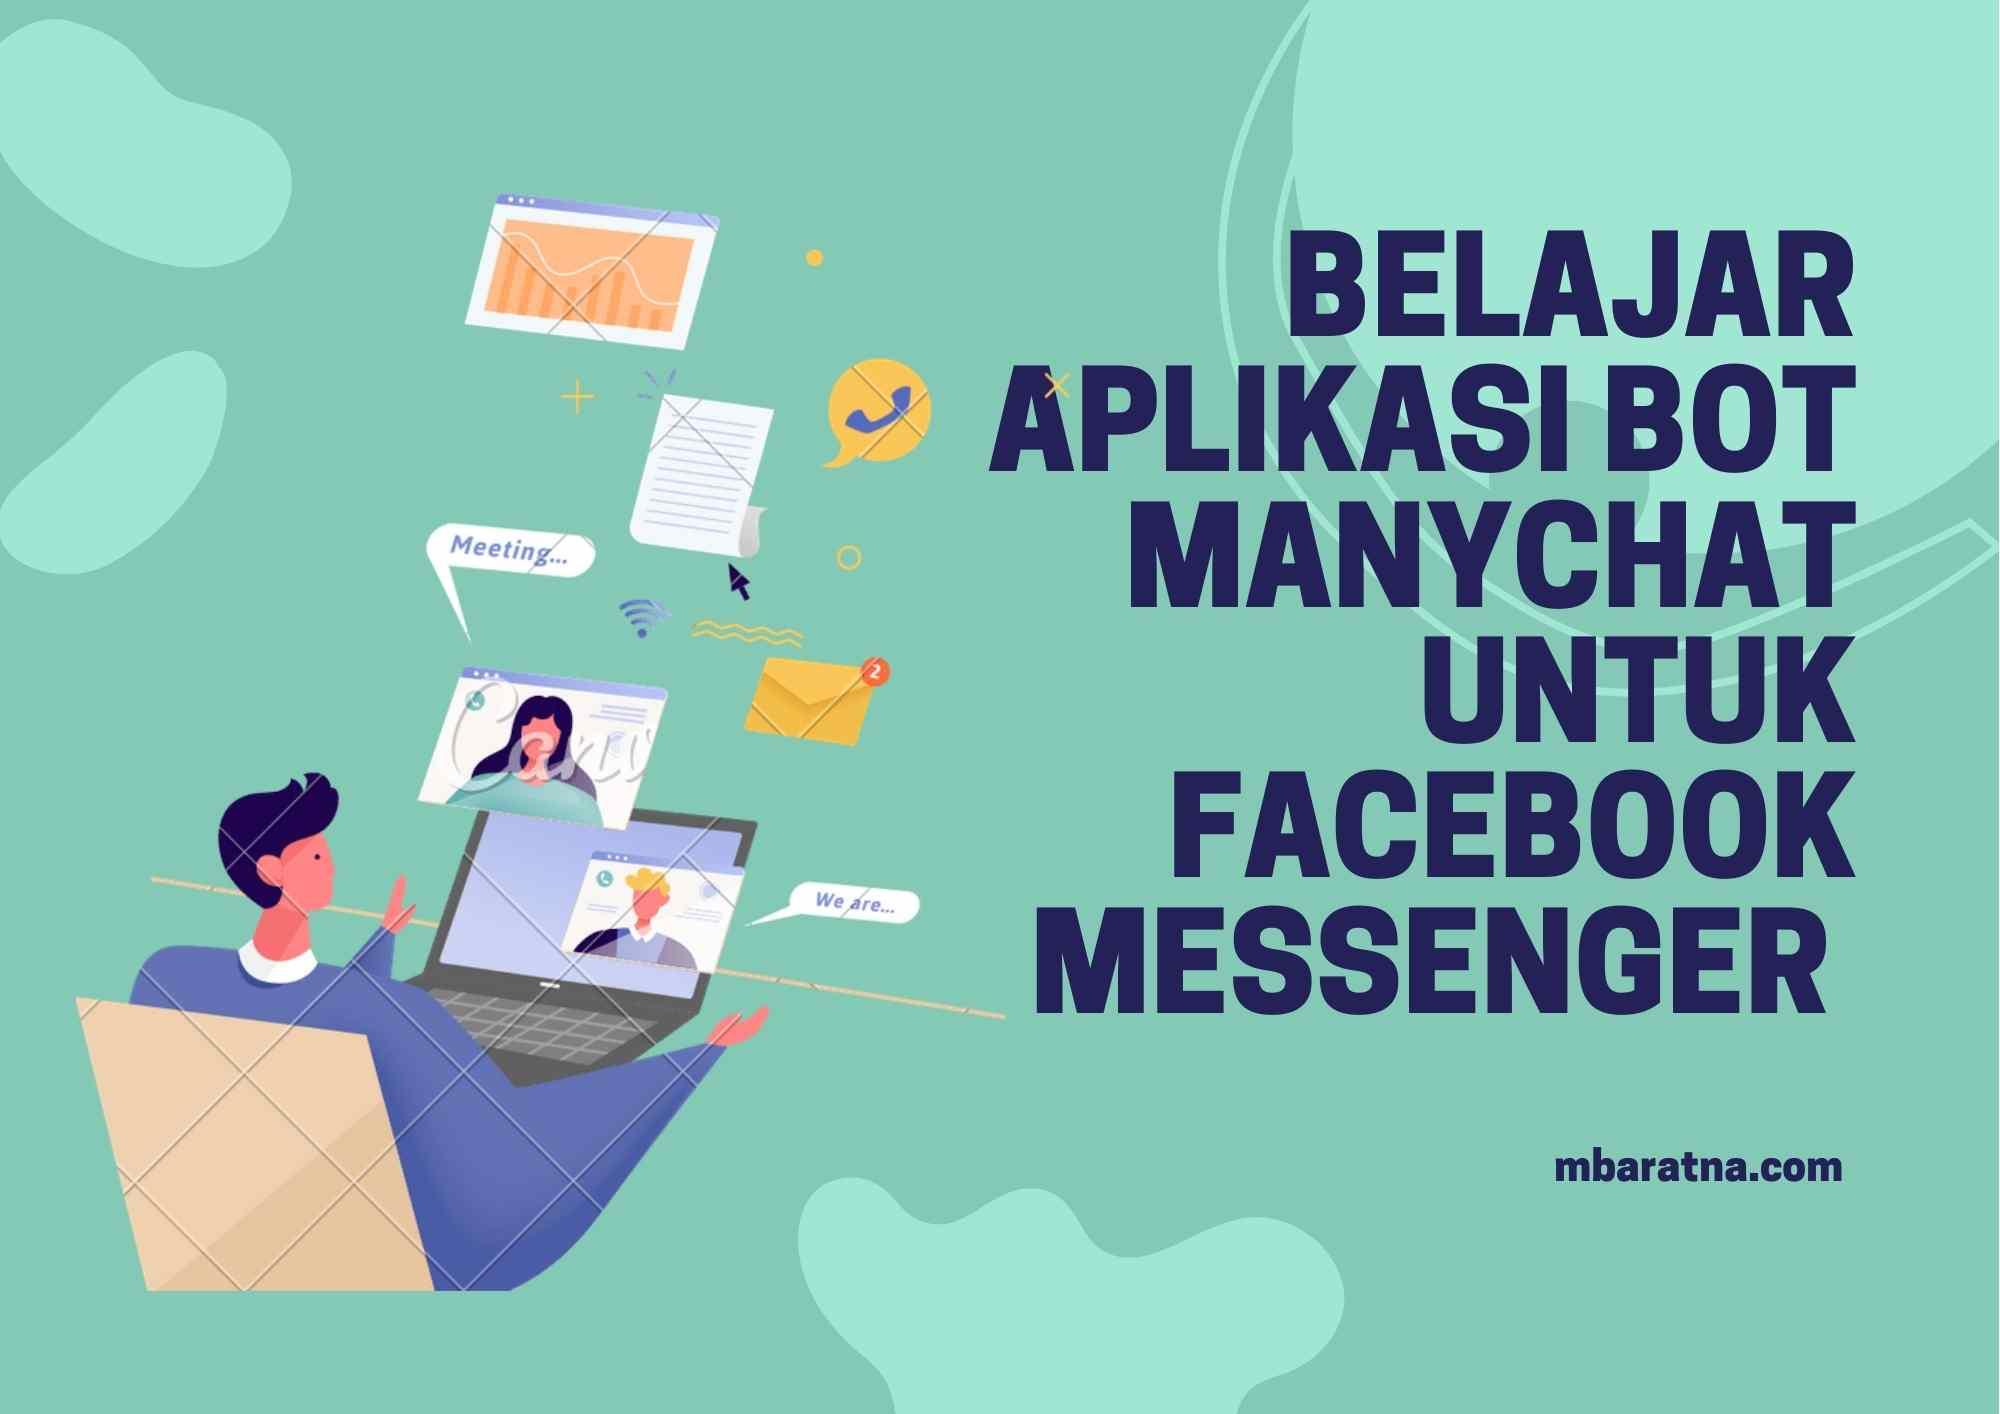 aplikasi bot facebook messenger